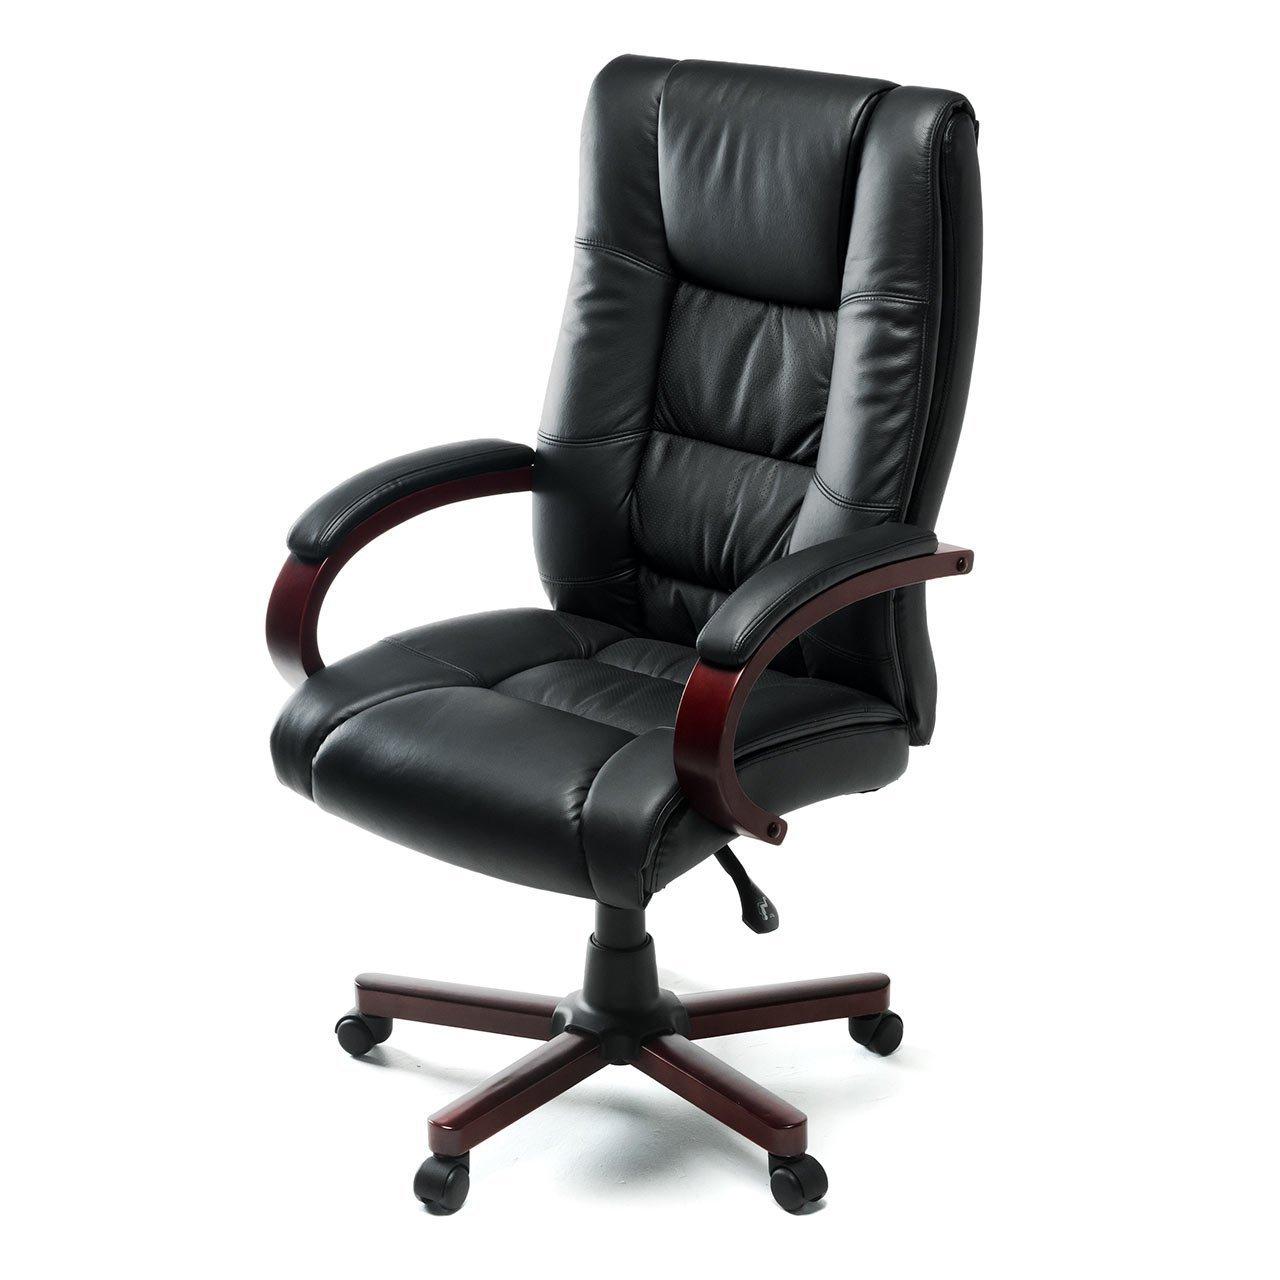 イーサプライ 本革椅子 プレジデントチェア エグゼクティブチェア キャスター付き ロッキング固定可能 ブラック EZ15-SNCL006   B071CZY8N6